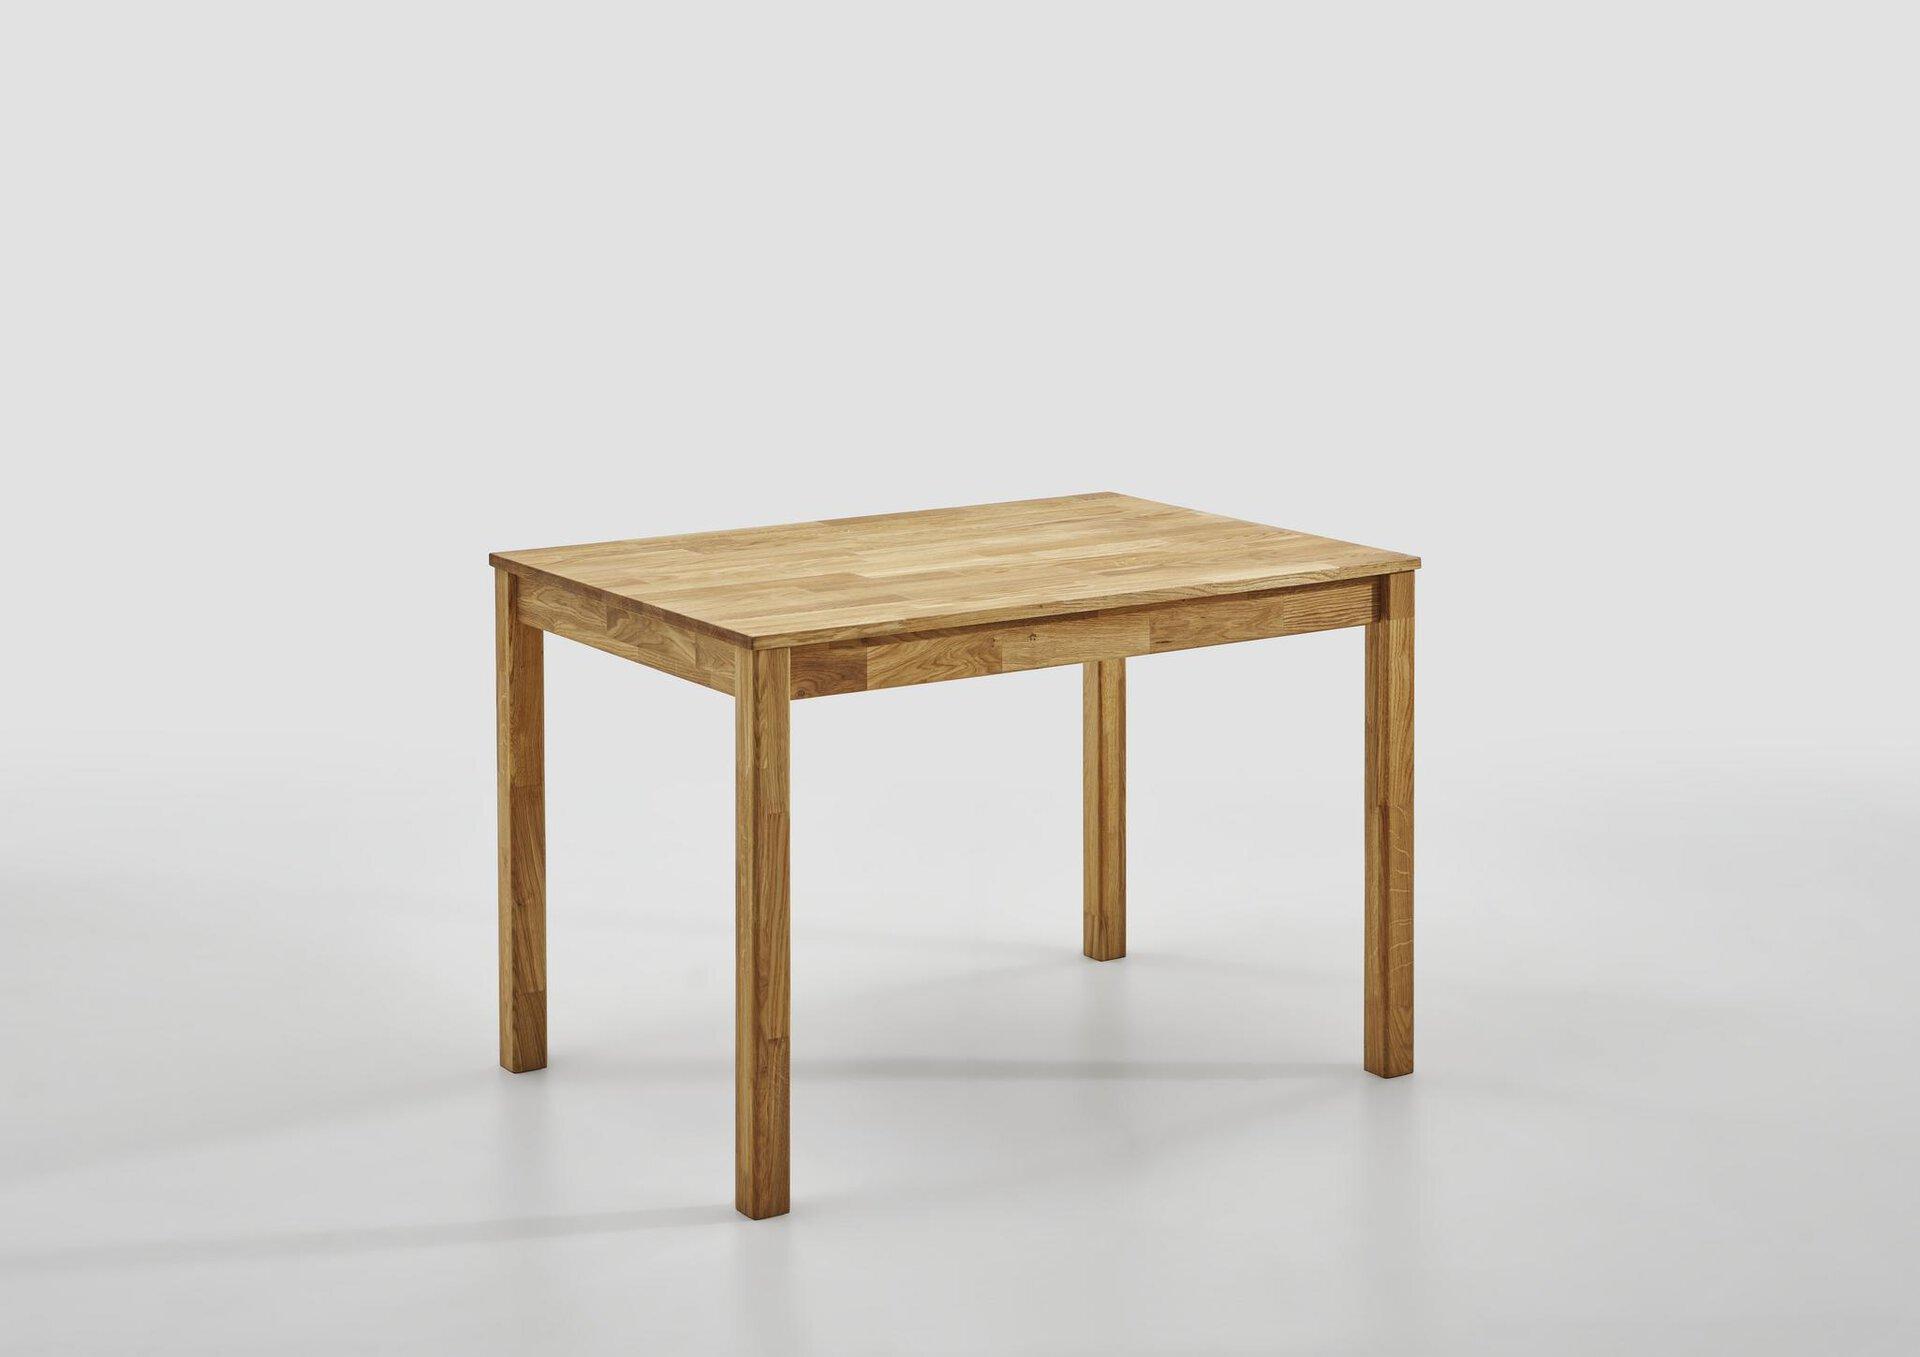 Esstisch MAILO SELF Holz braun 80 x 75 x 110 cm